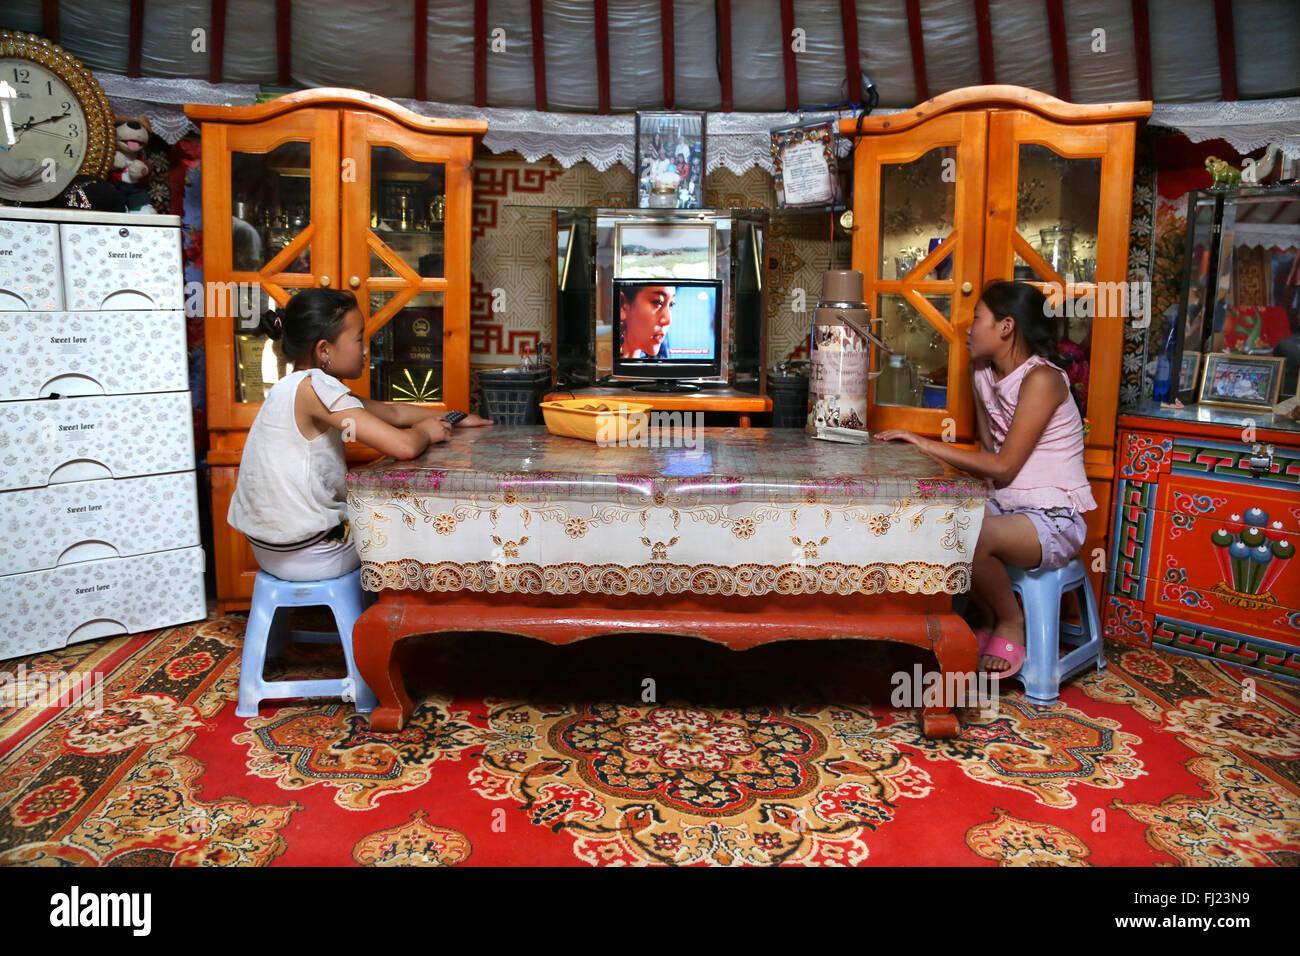 Deux jeunes filles regardent la télévision dans un foyer traditionnel appelé ger ou yourte en Mongolie Photo Stock